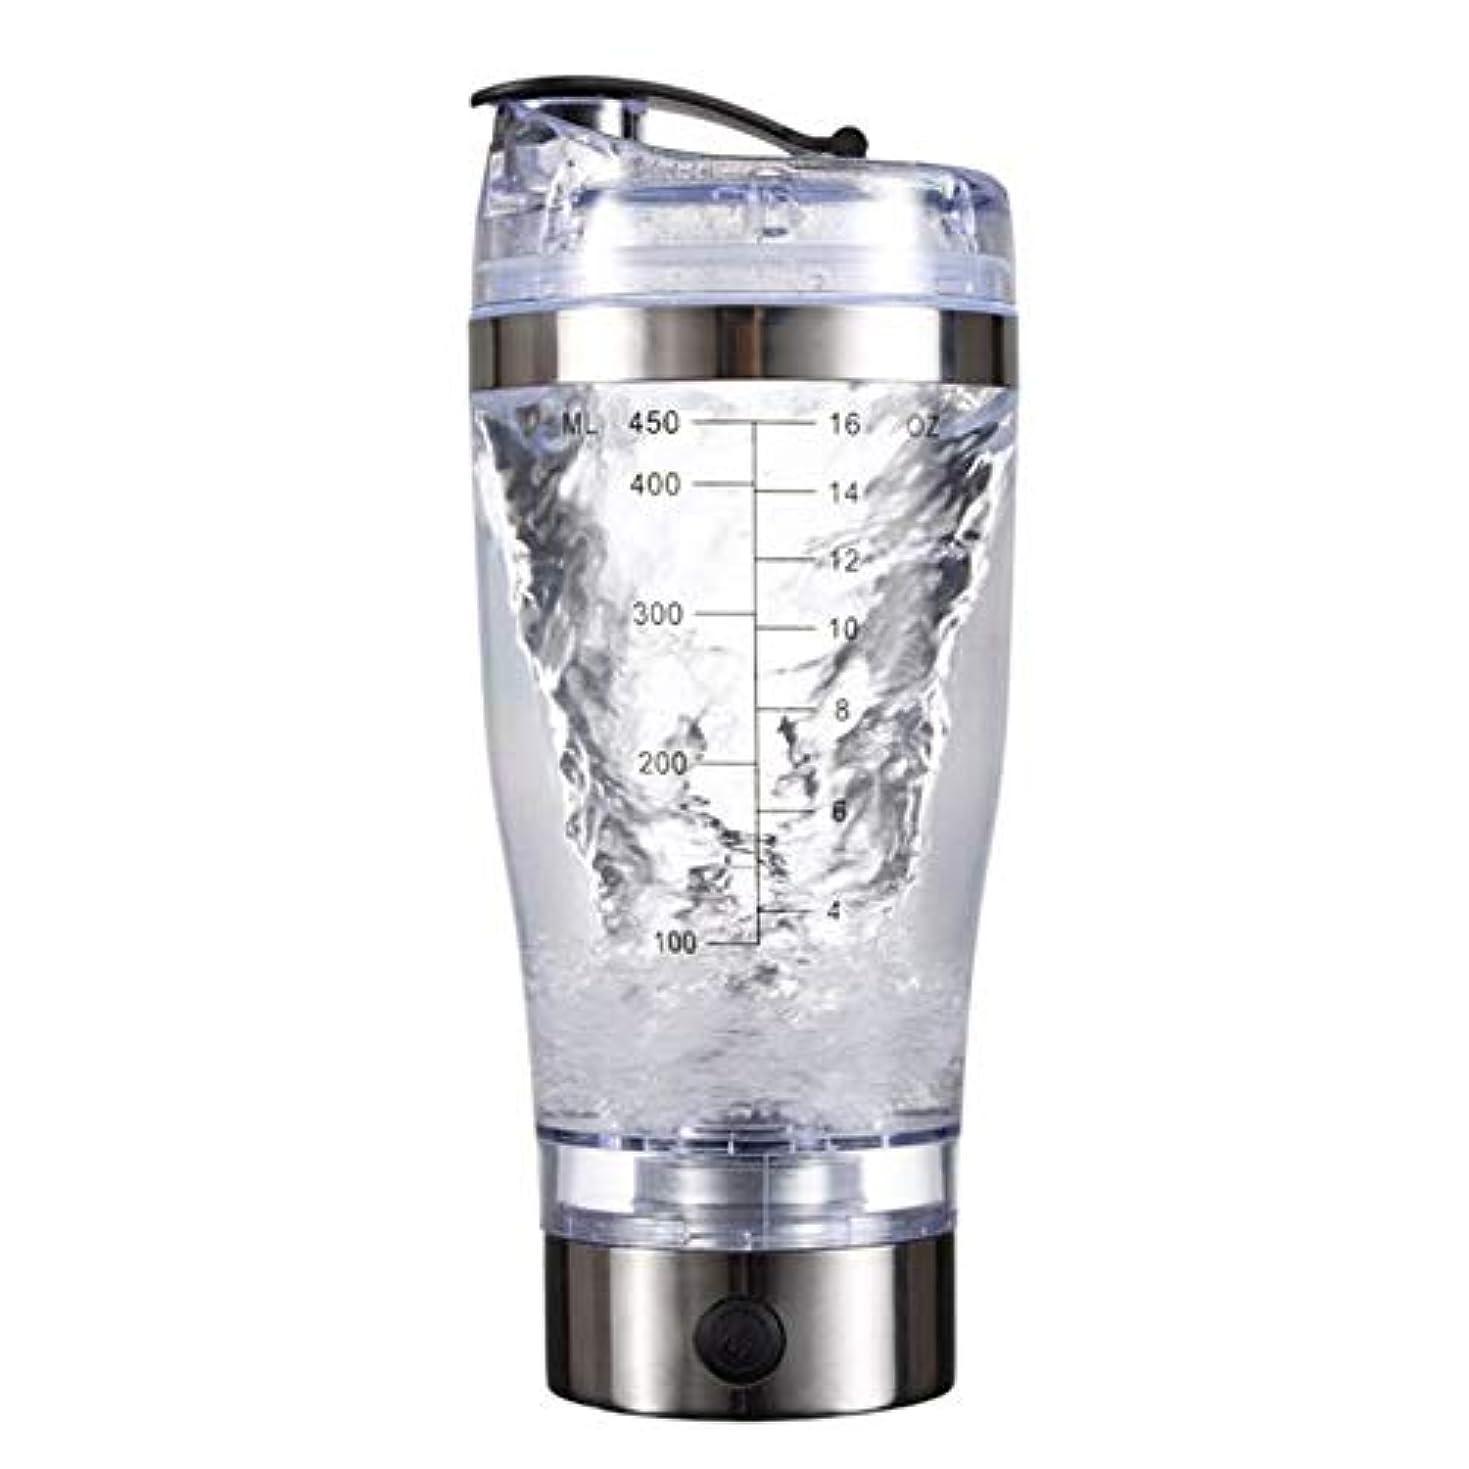 他にイブ時々時々Alioay 電動シェーカー プロテインシェーカー プロテインミキサー シェーカーボトル ミキサー 電池式 450ml 多機能 コーヒーミキサー 自動 電池式 栄養補給 健康素材 漏れ防止